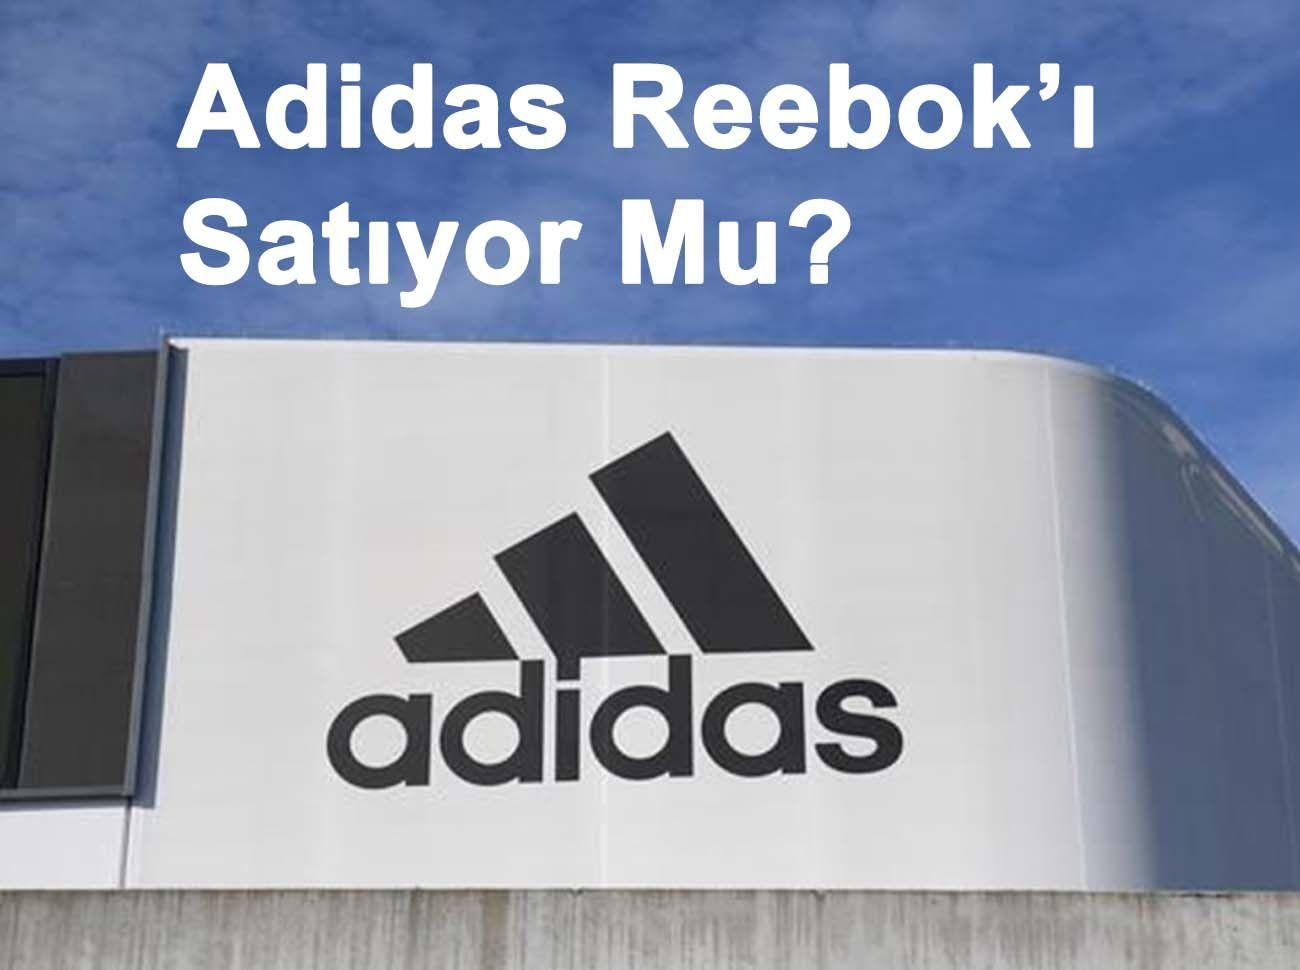 Adidas Reebok'ı Satıyor Mu?